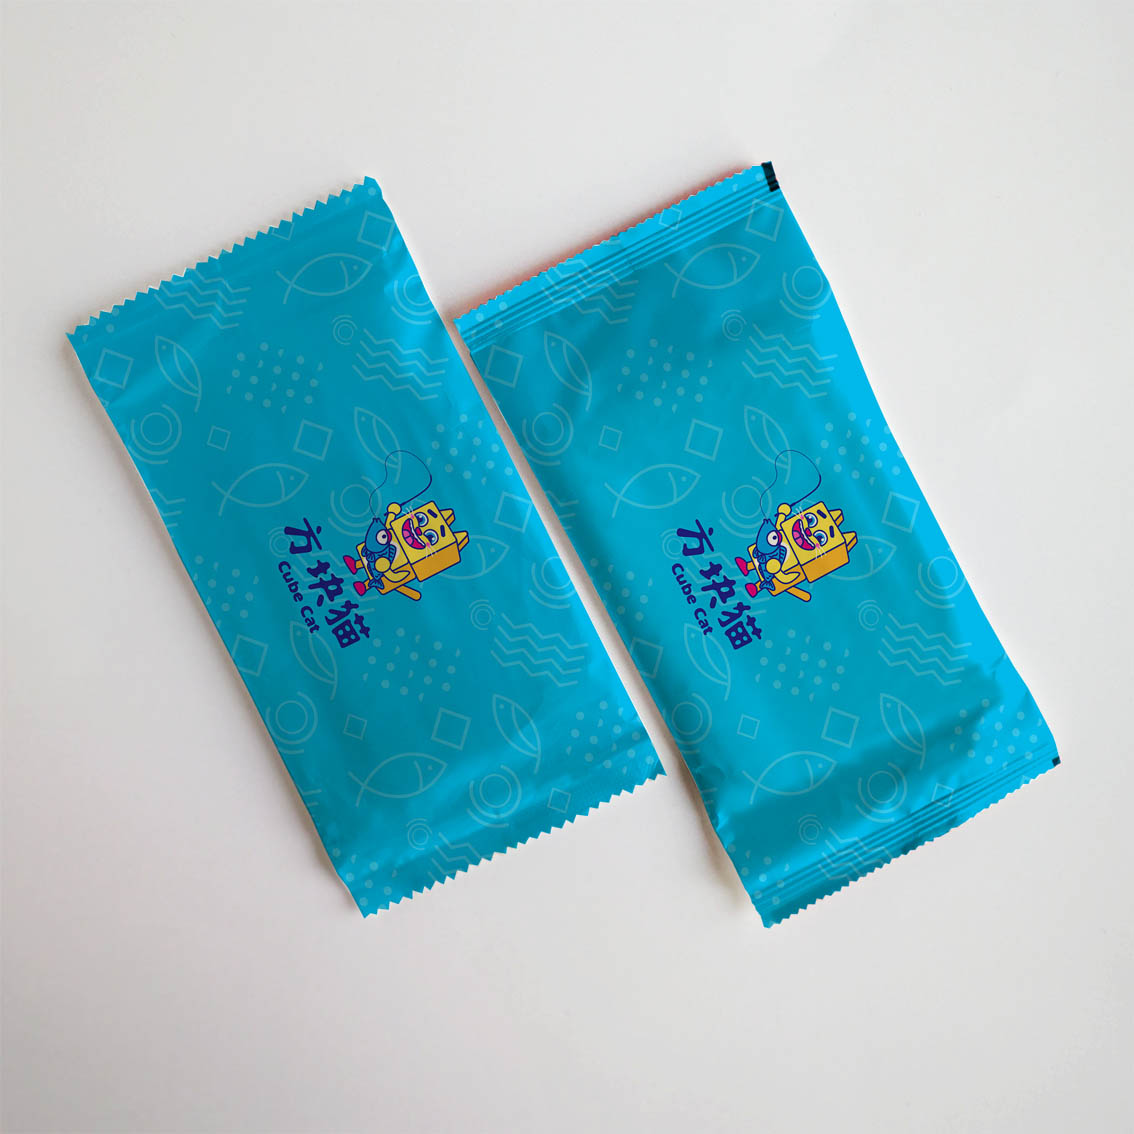 广告宣传湿纸巾定制厂家哪家好◆促销礼品荷包纸巾定制